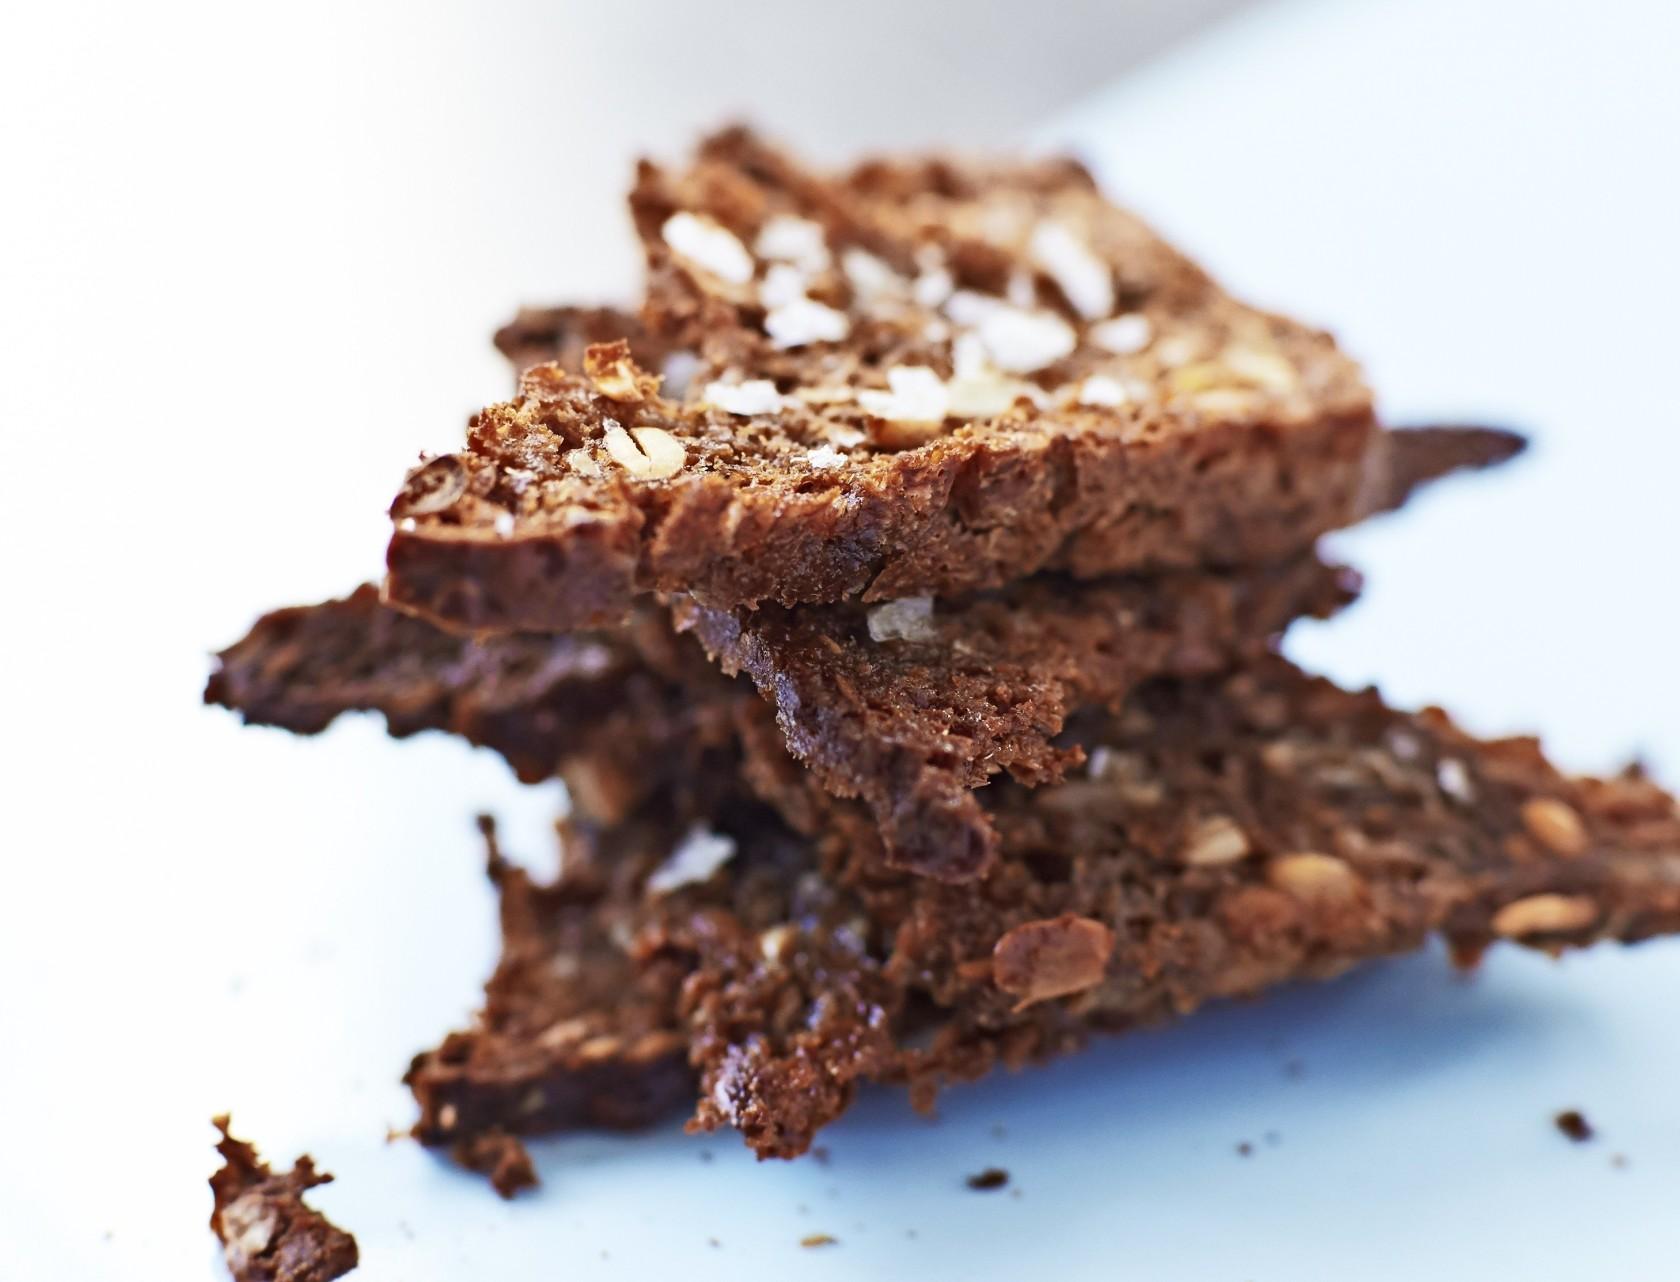 Sprøde rugbrødschips – perfekt opskrift på snack!